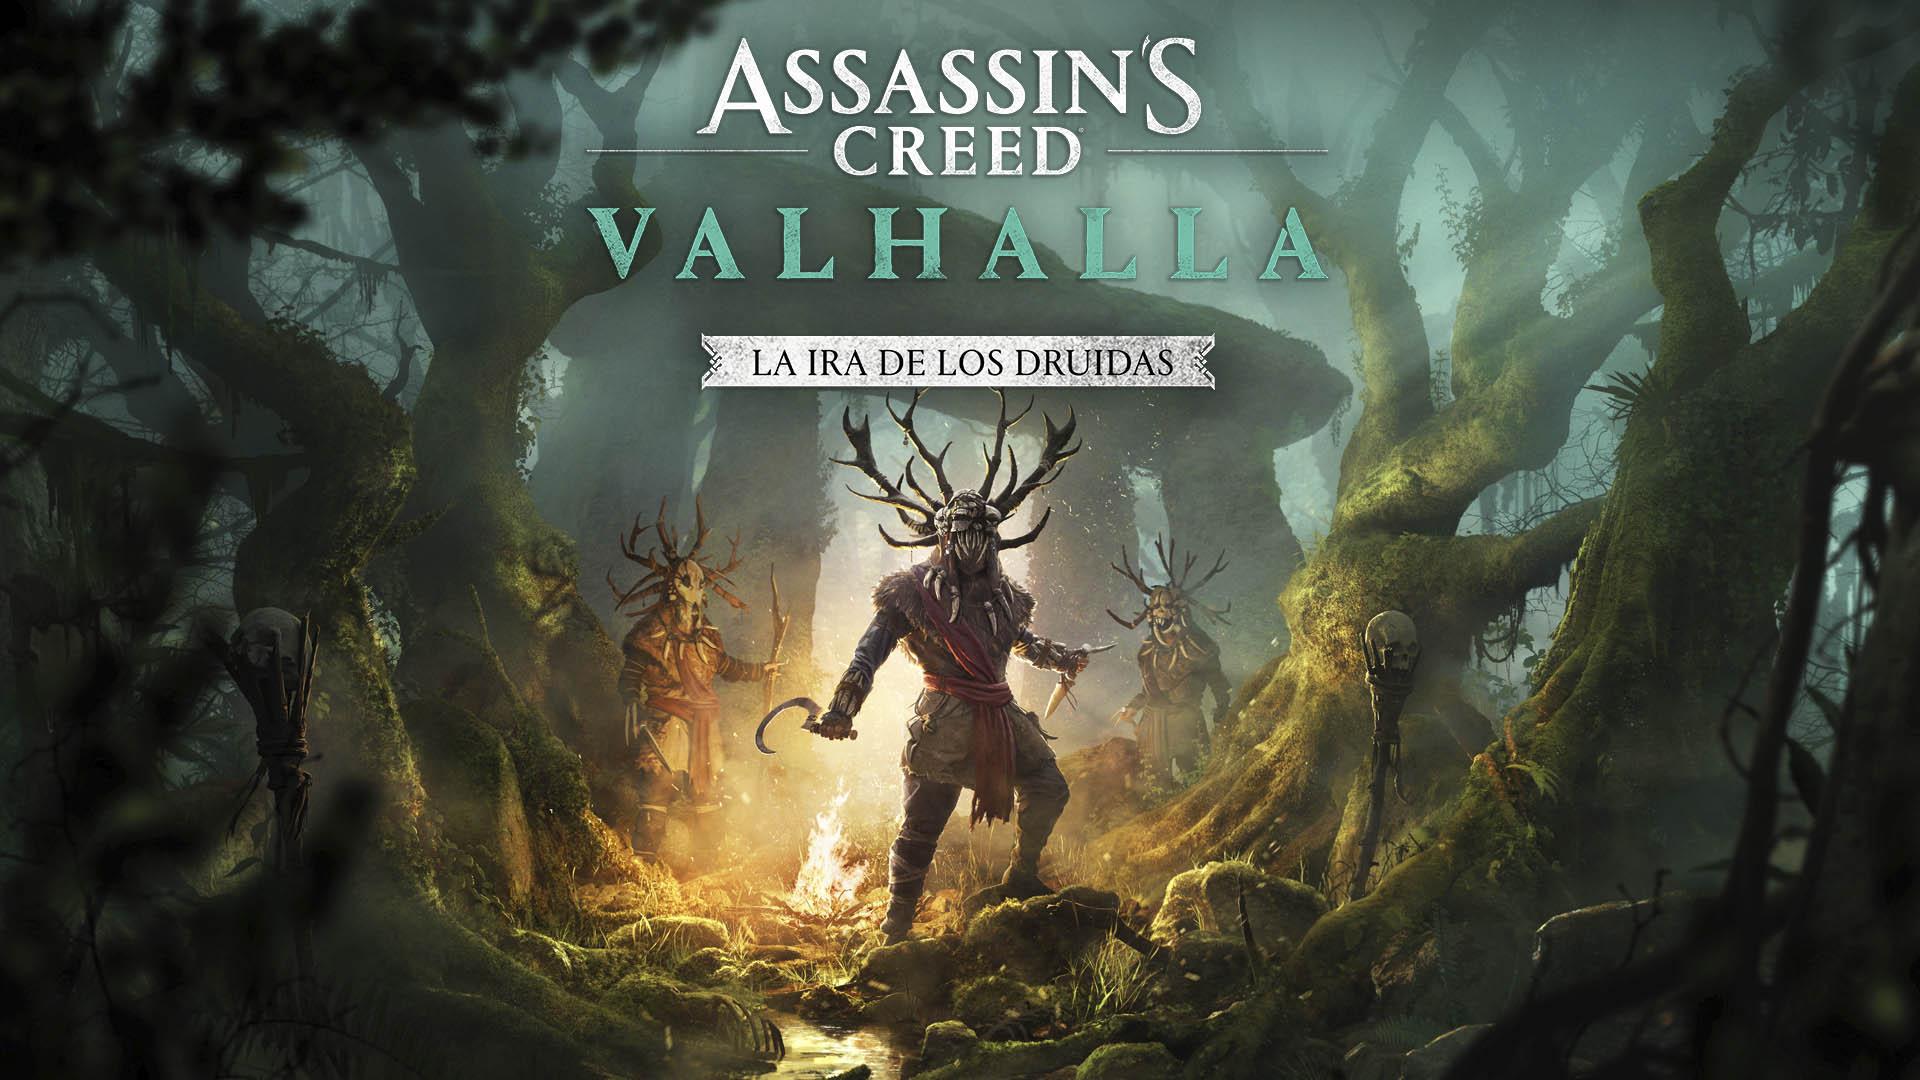 Assassins Creed Valhalla: La ira de los druidas